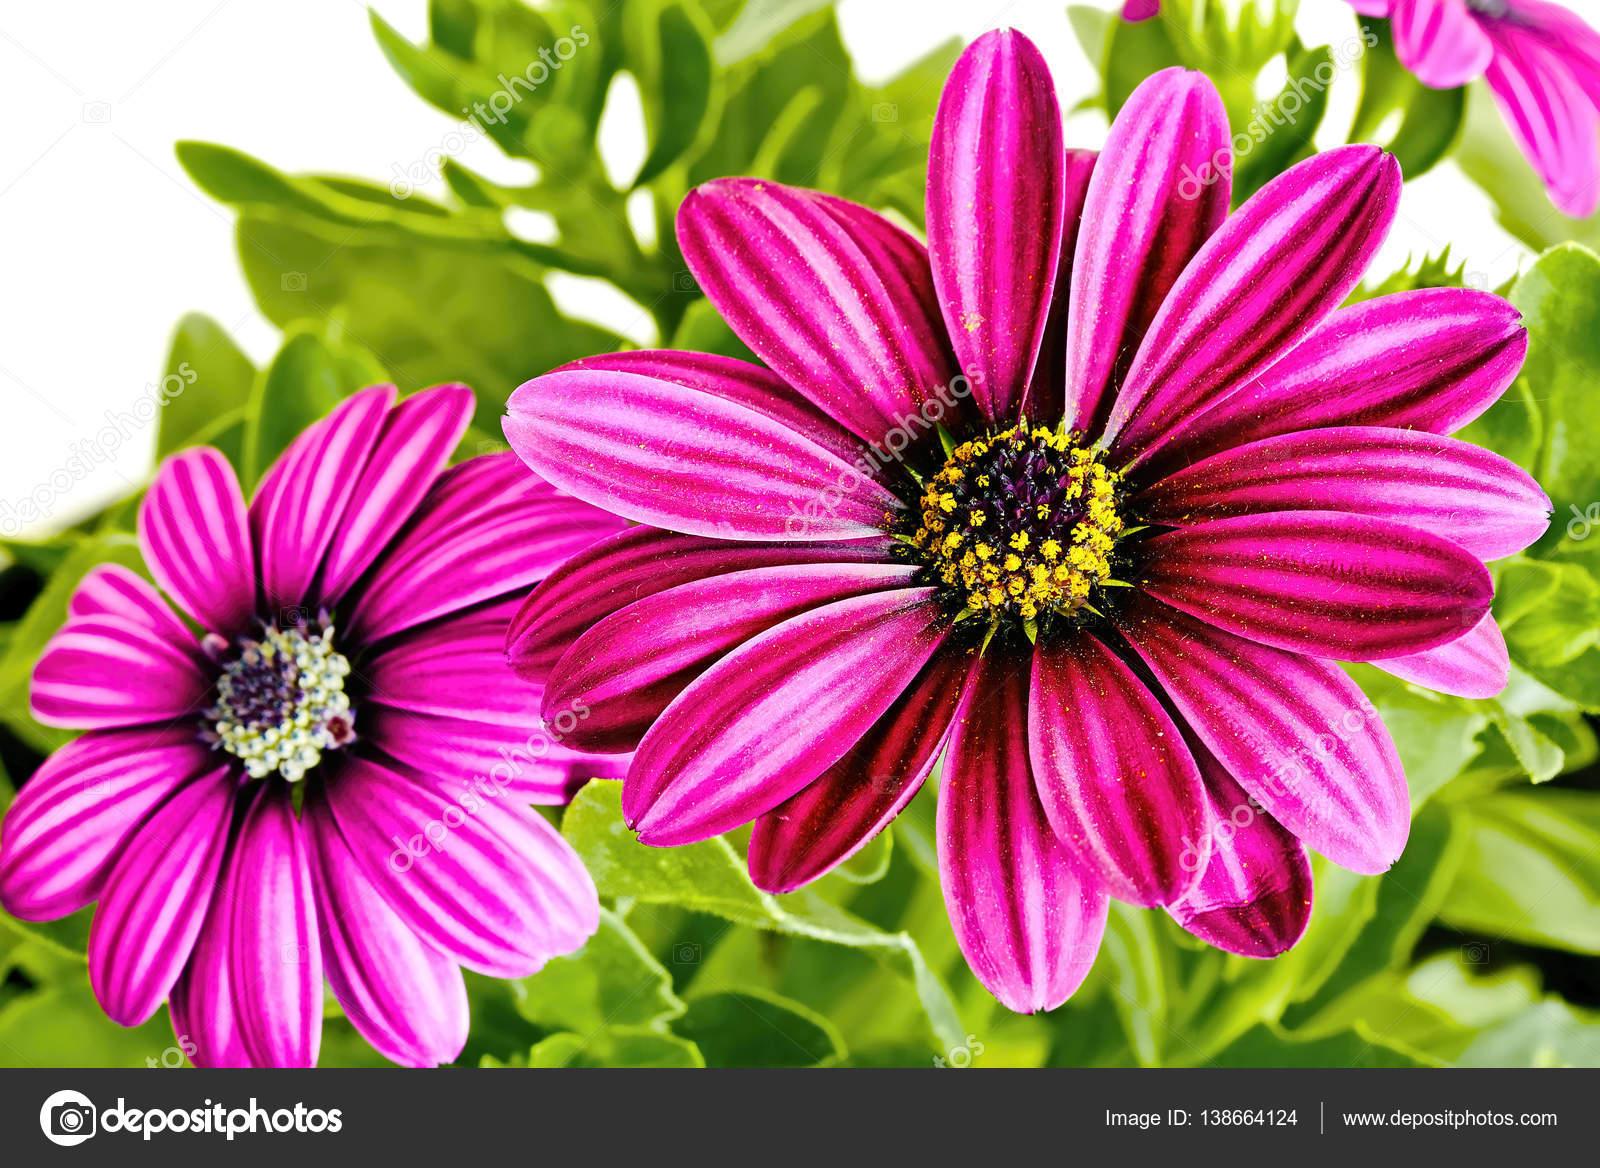 Faszinierend Blumen Mai Referenz Von Blume Zu Isolieren. Rosa Blume Auf Einem